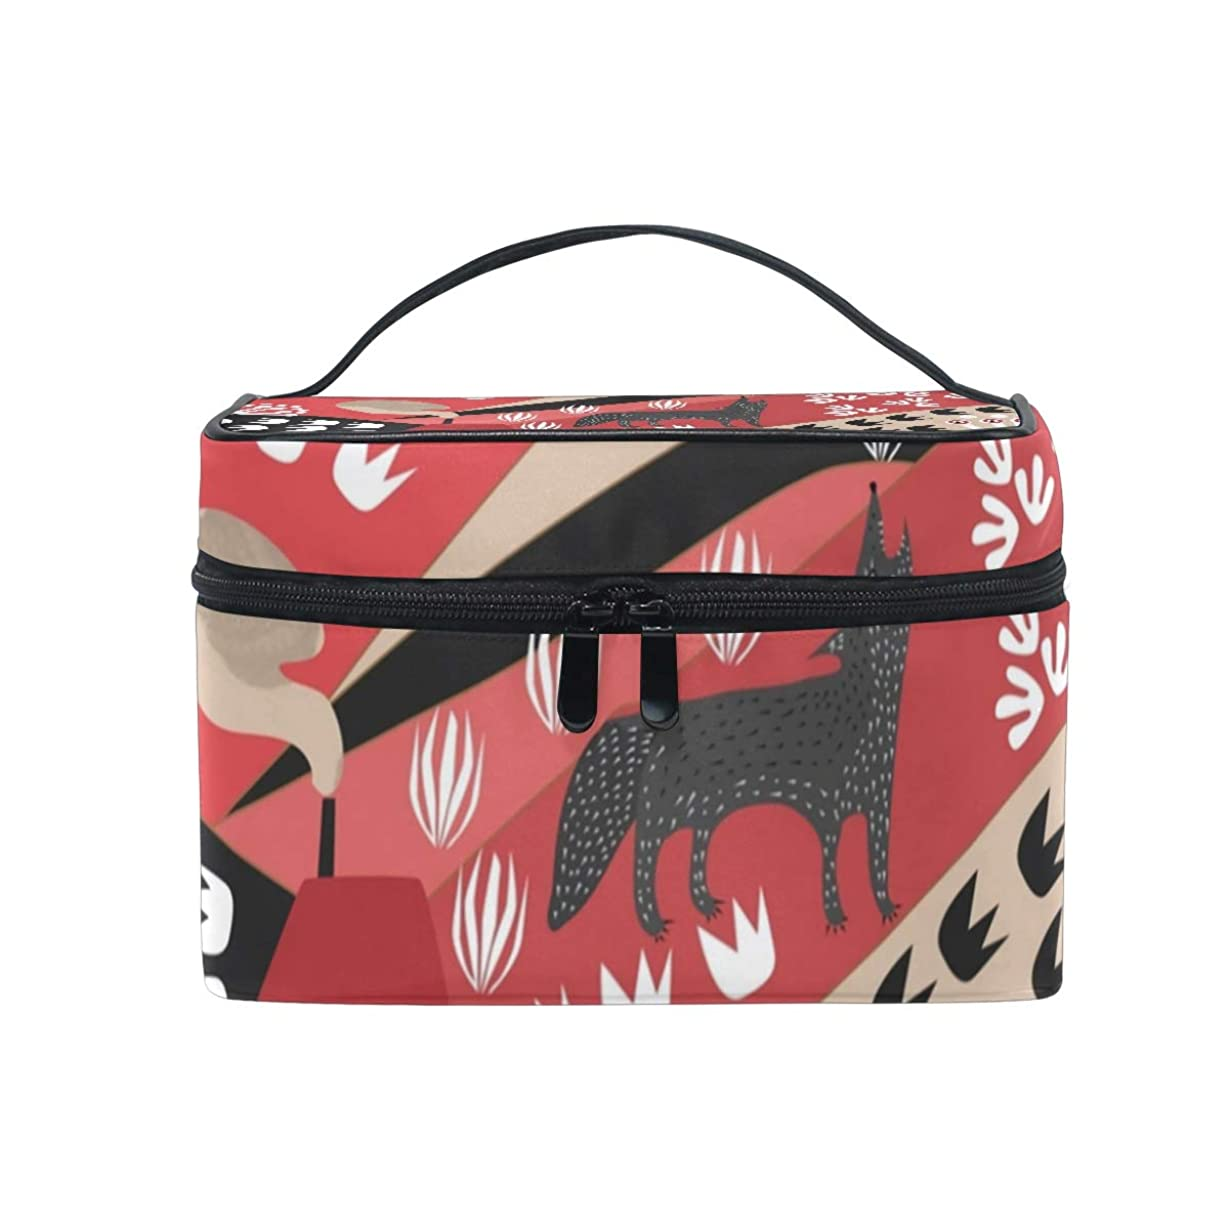 箱サーキットに行く画像メイクボックス 狼 土地柄 化粧ポーチ 化粧品 化粧道具 小物入れ メイクブラシバッグ 大容量 旅行用 収納ケース